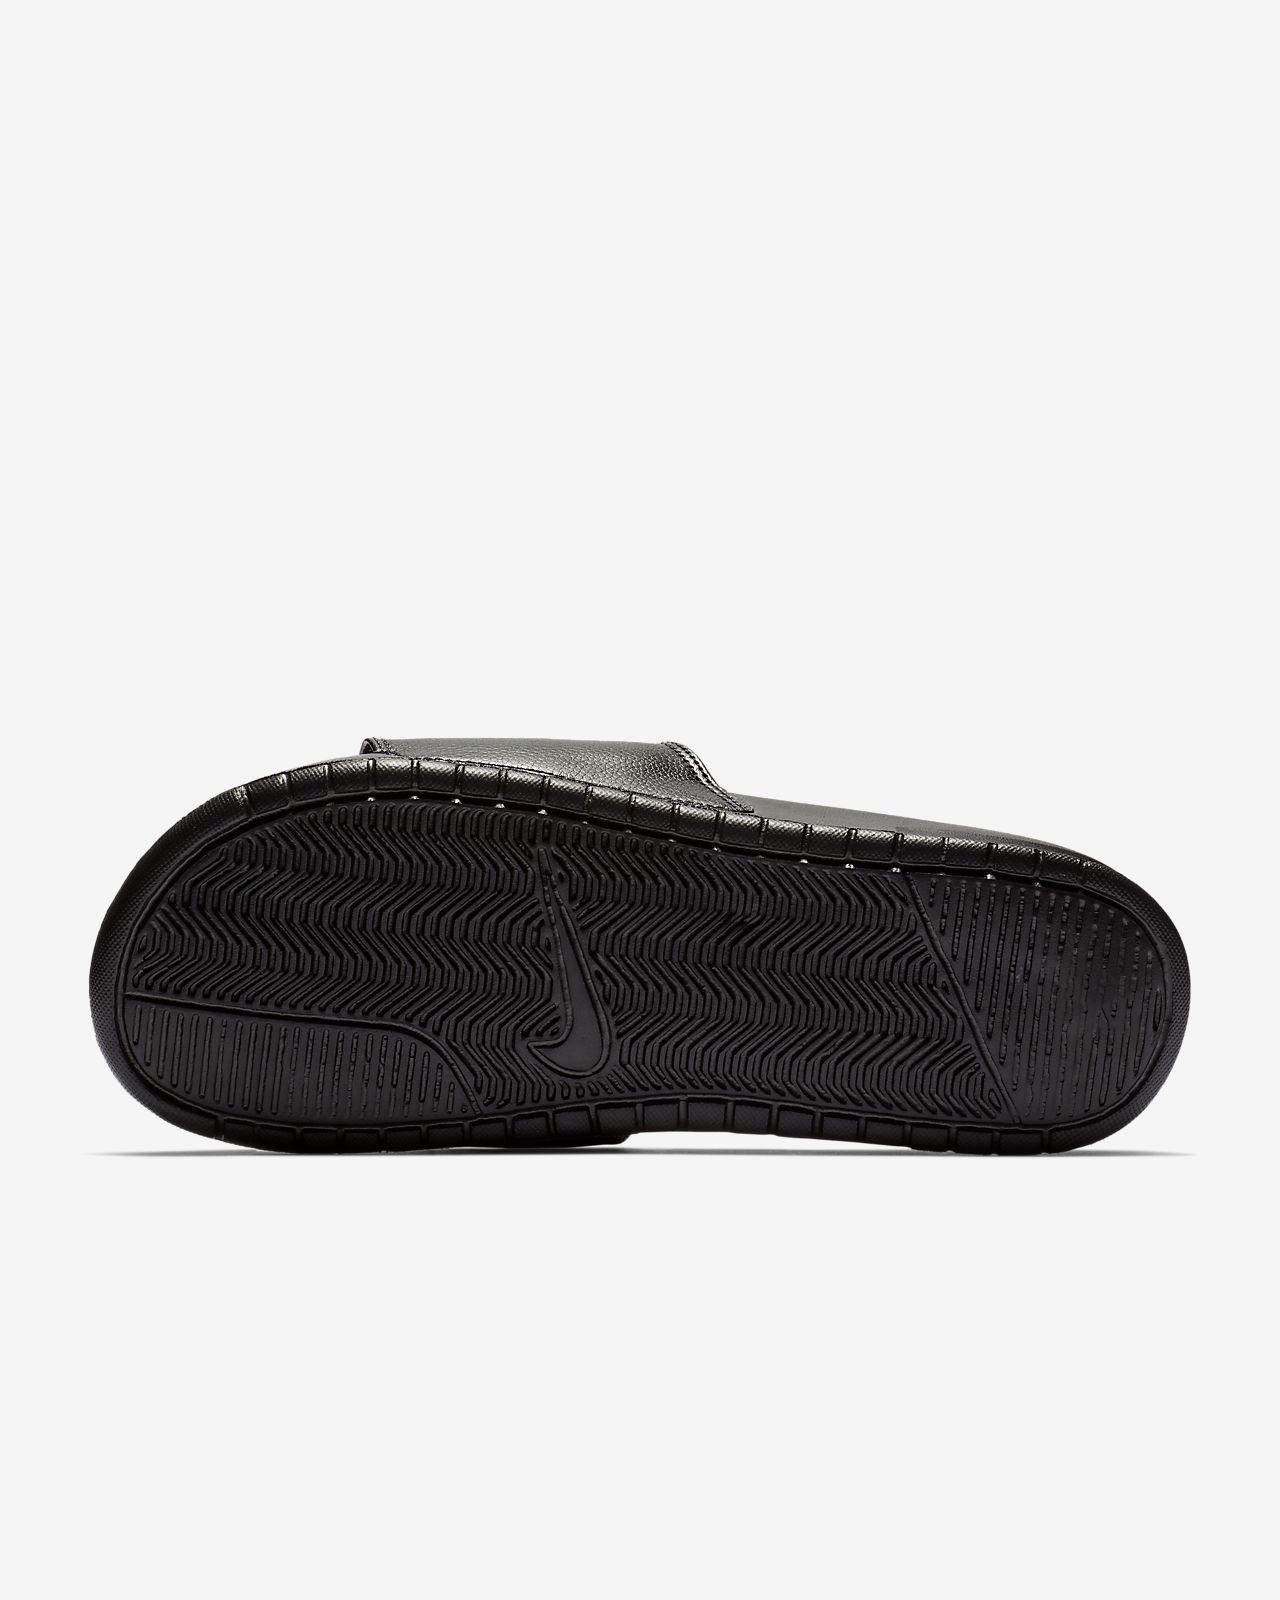 1dd62462e4c5 Low Resolution Nike Benassi Slide Nike Benassi Slide